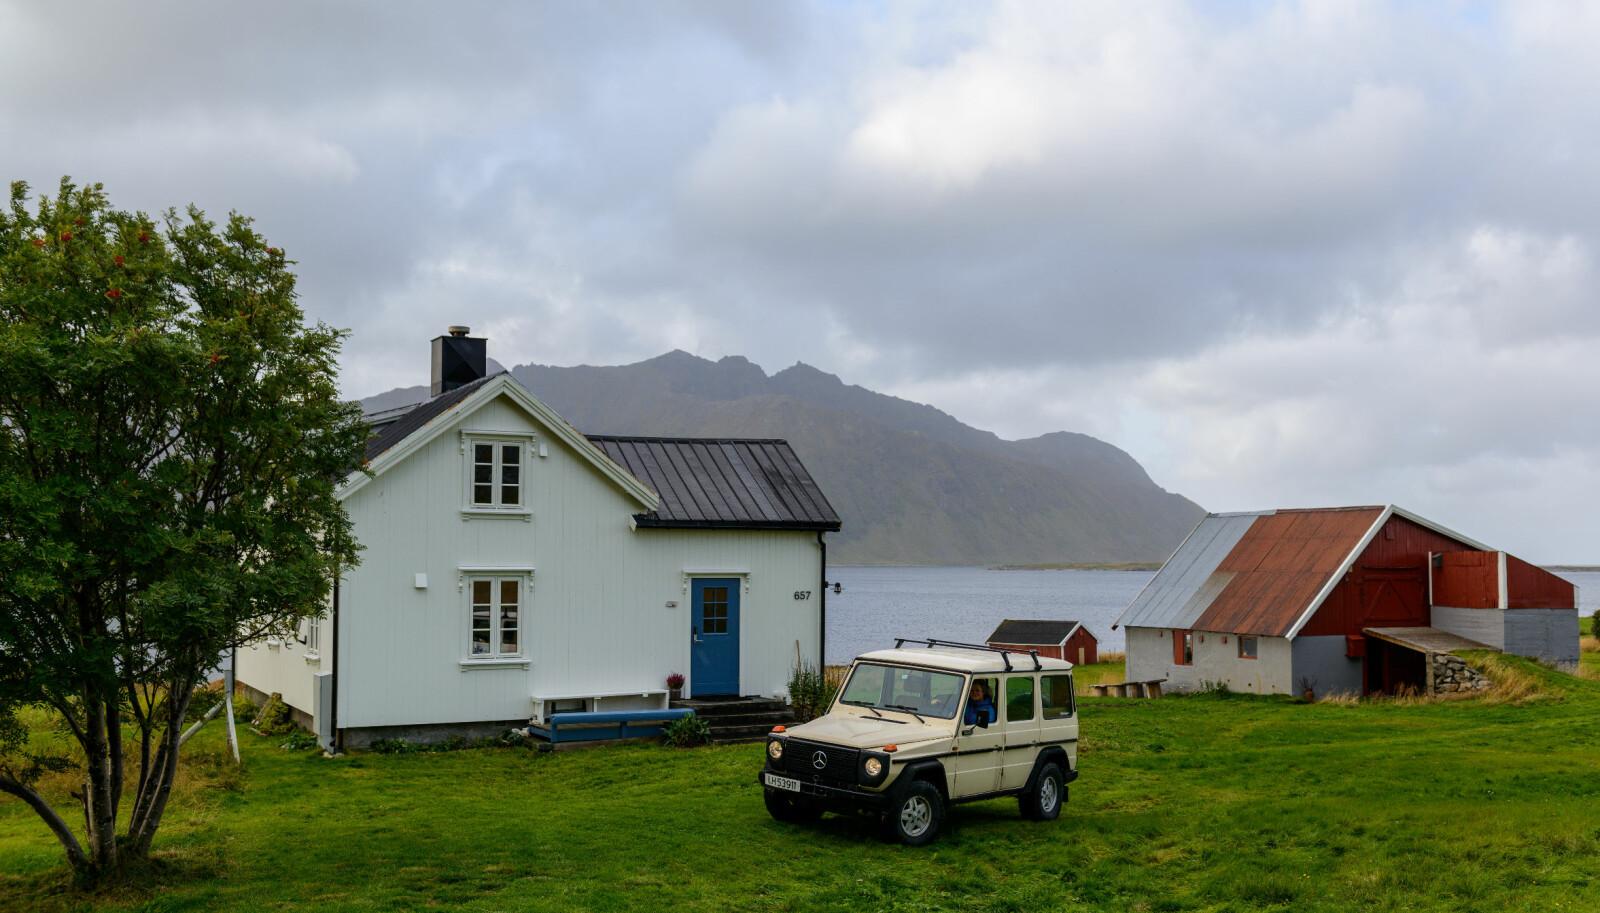 <b>ALTMULIGBIL: </b>Martine Løvold og familien har en røff 1984-modell Mercedes 230GE stasjonert på feriestedet i Lofoten. Der brukes den til alt fra familiebil til traktor.